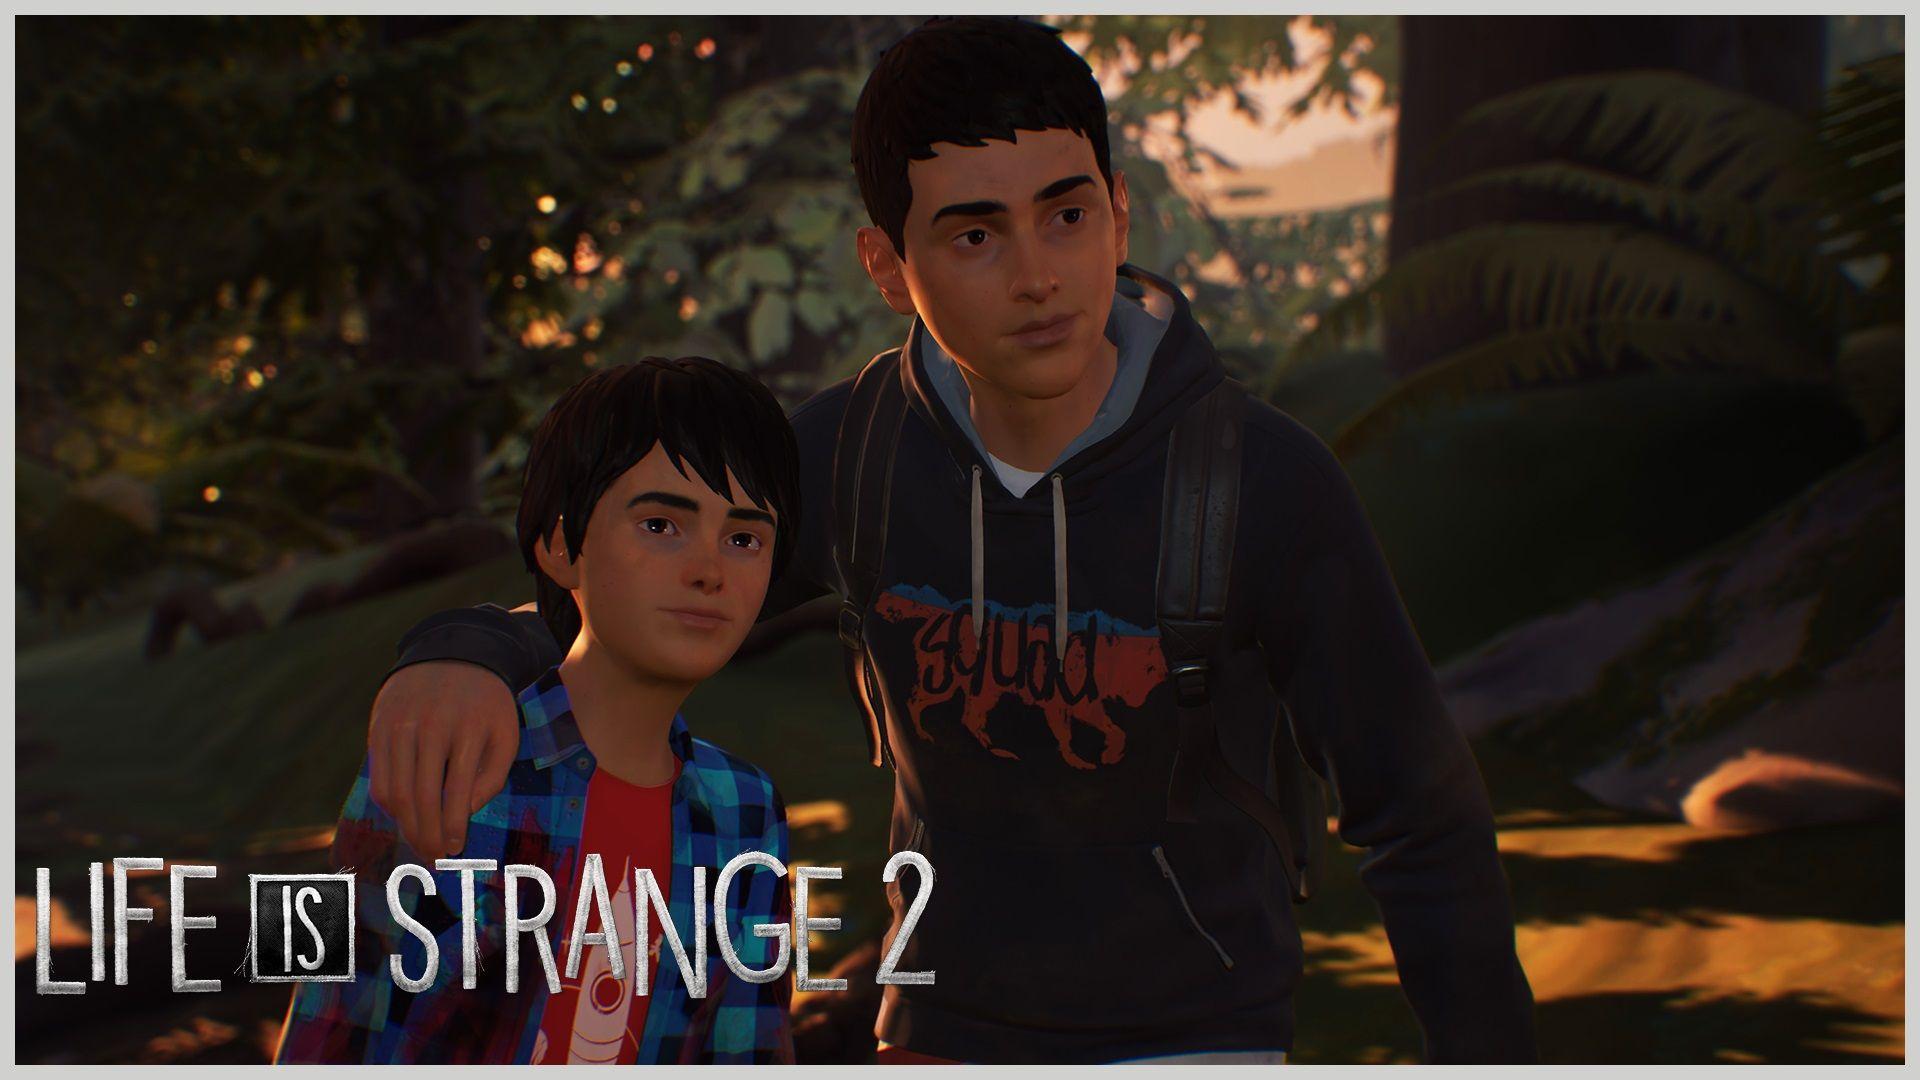 """Life is Strange 2 nos trae un nuevo tráiler en forma de documental """"El Camino a Life is Strange 2″"""